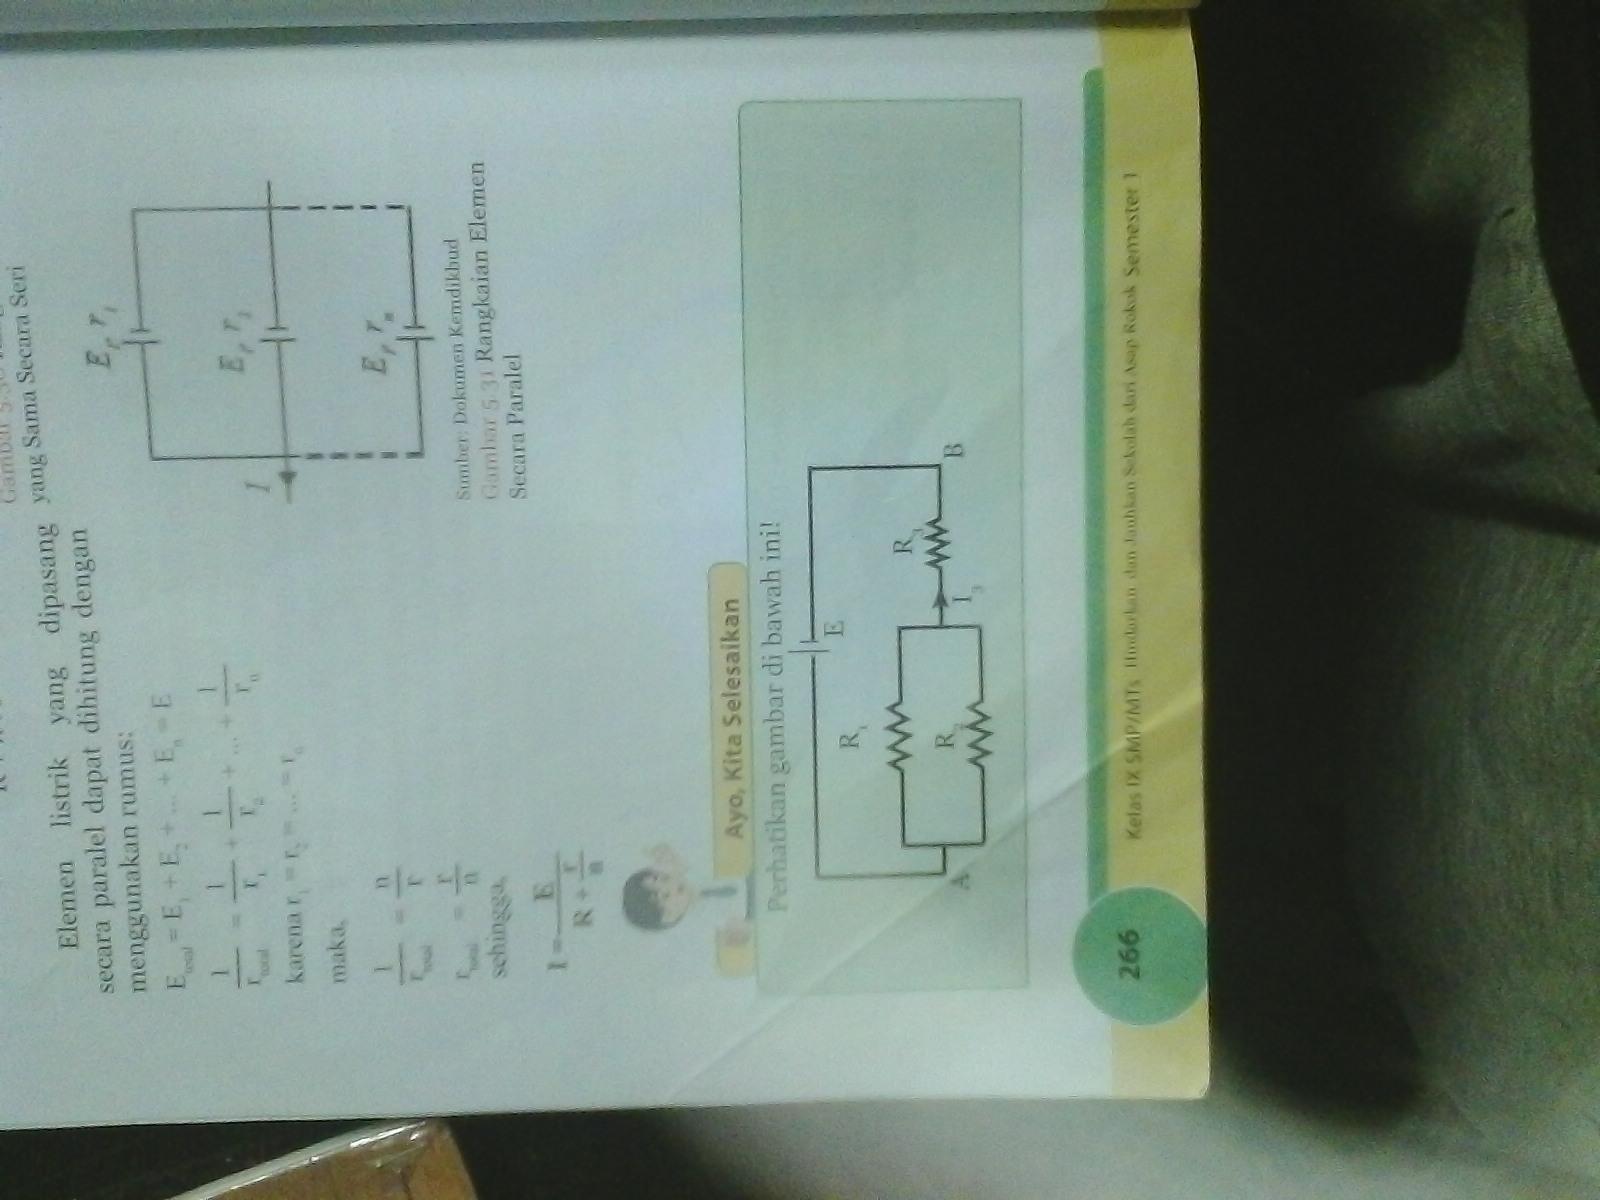 Perhatikan Gambar Di Bawah Ini Jika R1 3 Ohm R2 6ohm R3 2